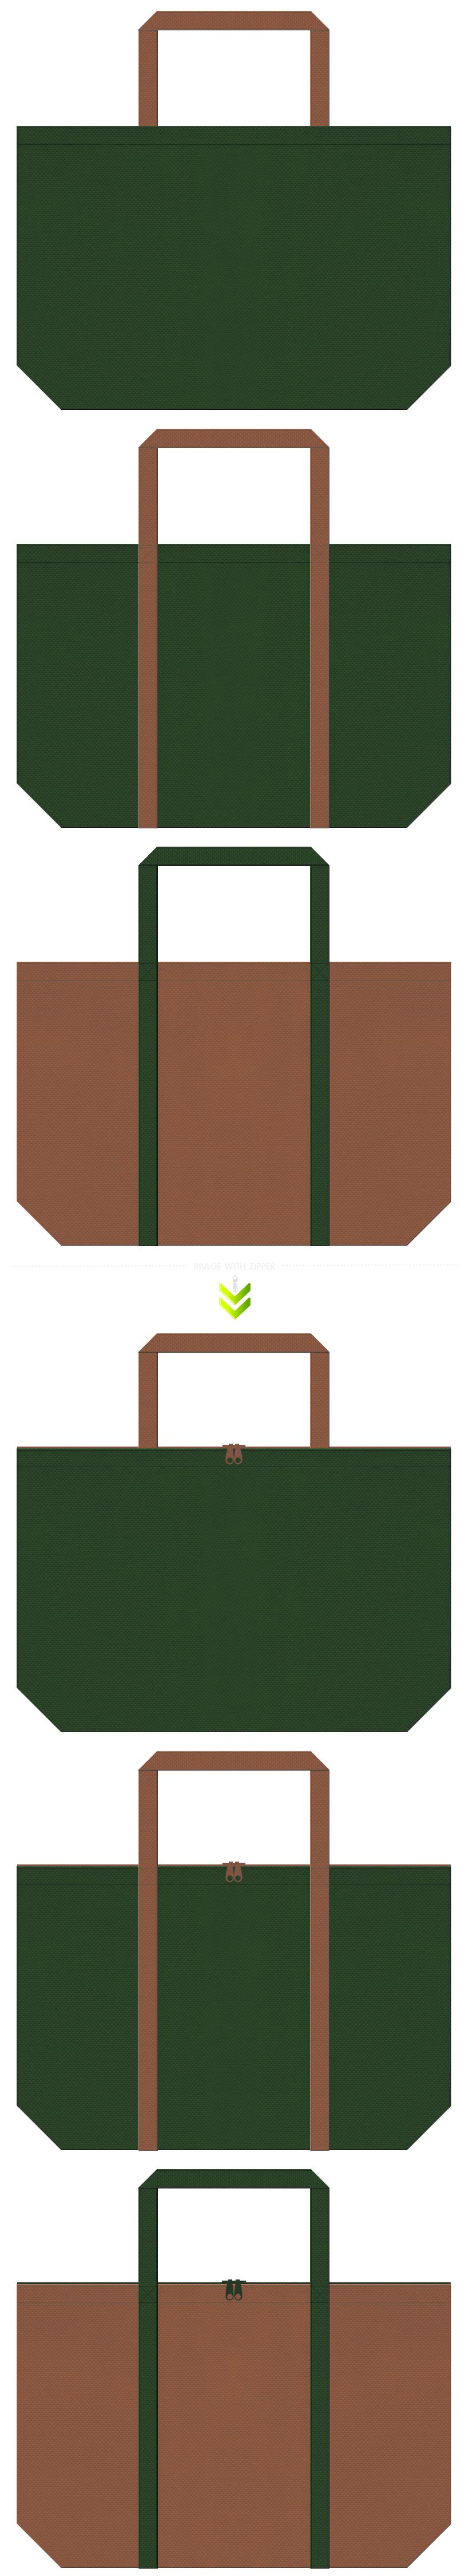 濃緑色と茶色の不織布エコバッグのデザイン。キャンプ・アウトドア用品のショッピングバッグにお奨めです。クリスマスイメージにも。